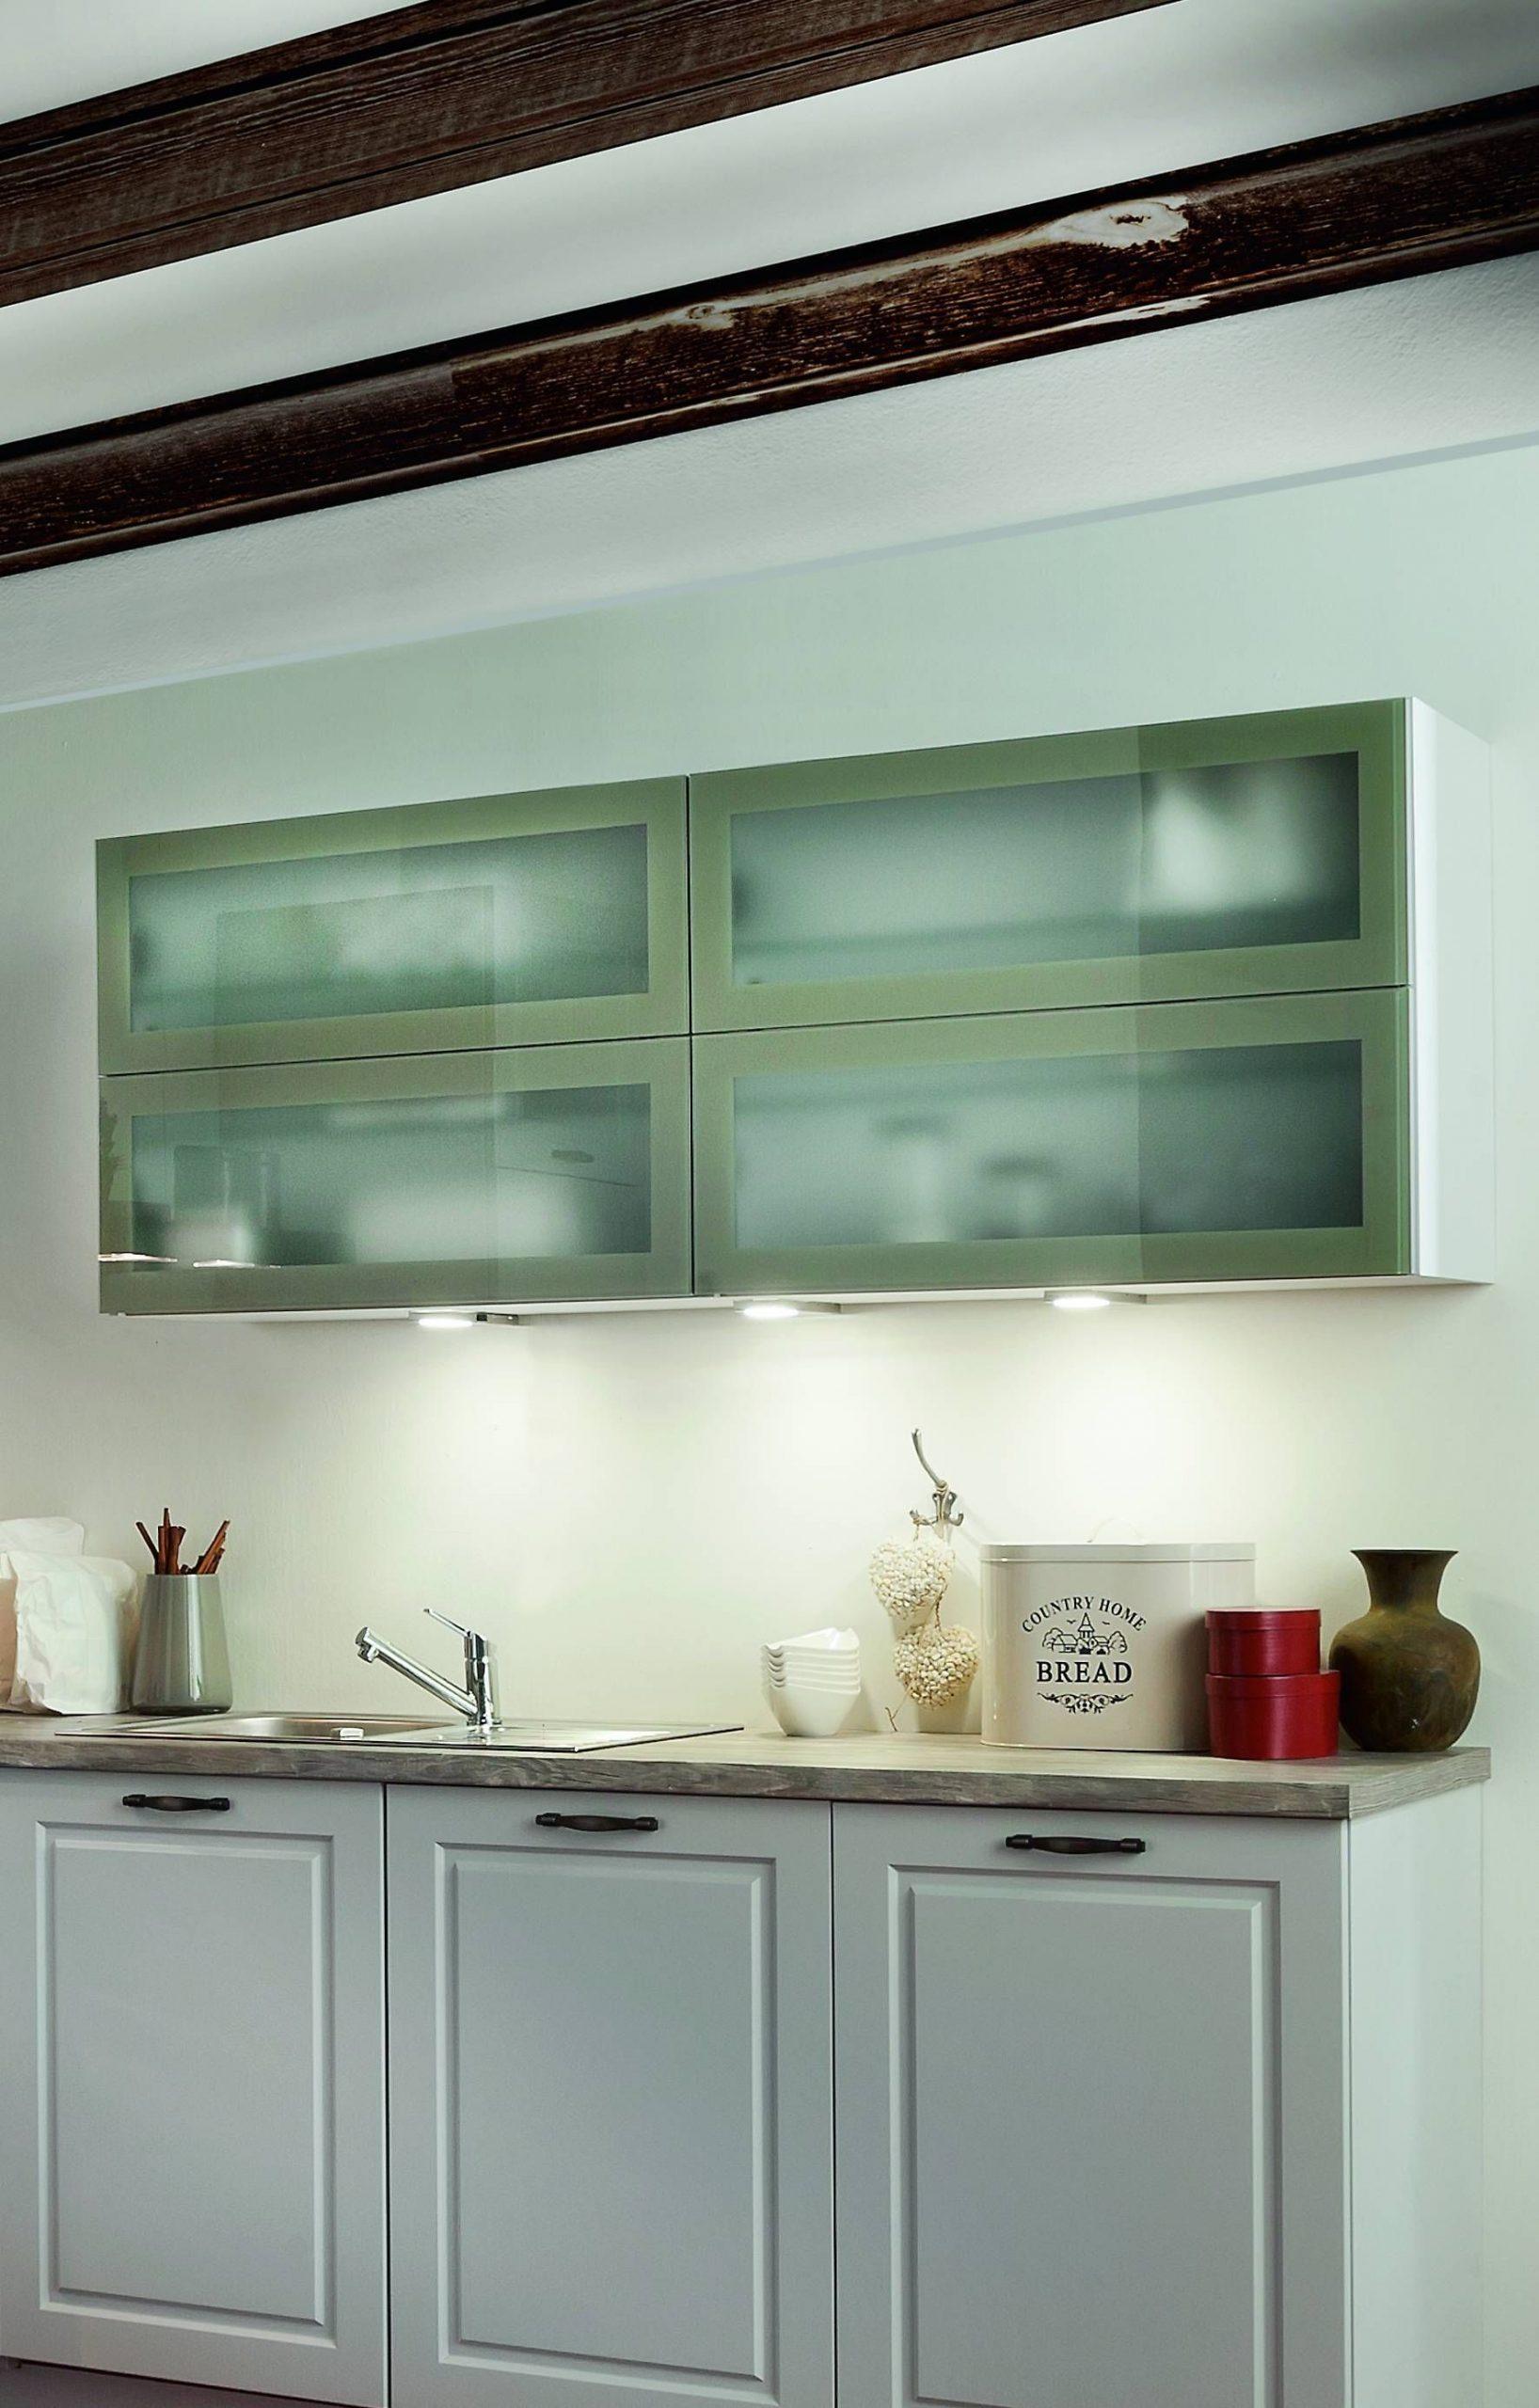 Full Size of Unterschränke Küche Ohne Arbeitsplatte Schmale Unterschränke Küche Beleuchtung Unterschränke Küche Unterschränke Küche Gebraucht Küche Unterschränke Küche